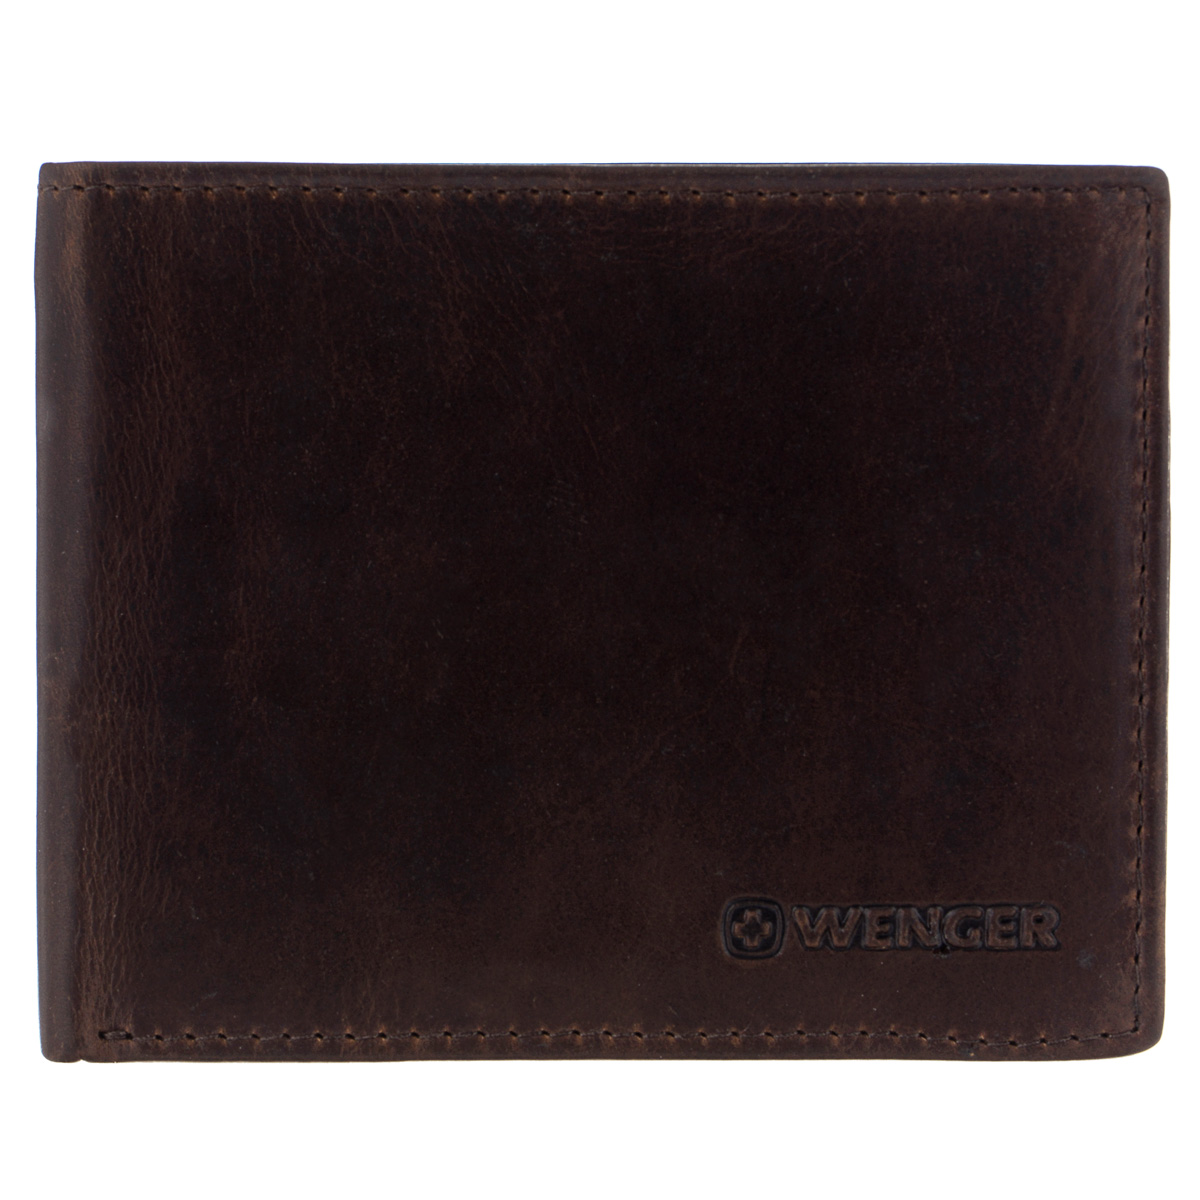 Портмоне мужское Wenger, цвет: коричневый. W7-041964195Изысканное мужское портмоне Wenger изготовлено из натуральной кожи и оформлено тиснениями в виде названия и логотипа бренда на лицевой стороне. Внутри - два отделения для купюр, отсек для мелочи на замке-кнопке, три боковых кармана и три прорези для банковских карт. Изюминка модели - откидной блок с боковым карманом, тремя прорезями и сетчатым карманом.Изделие упаковано в фирменную коробку.Модное портмоне Wenger займет достойное место среди вашей коллекции аксессуаров.По всем вопросам гарантийного и постгарантийного обслуживания рюкзаков, чемоданов, спортивных и кожаных сумок, а также портмоне марок Wenger и SwissGear вы можете обратиться в сервис-центр, расположенный по адресу: г. Москва, Саввинская набережная, д.3. Тел: (495) 788-39-96, (499) 248-56-56, ежедневно с 9:00 до 21:00. Подробные условия гарантийного обслуживания приведены в гарантийном талоне, поставляемым в комплекте с каждым изделием. Бесплатный ремонт изделий производится при условии предоставления гарантийного талона и товарного/кассового чека, подтверждающего дату покупки.